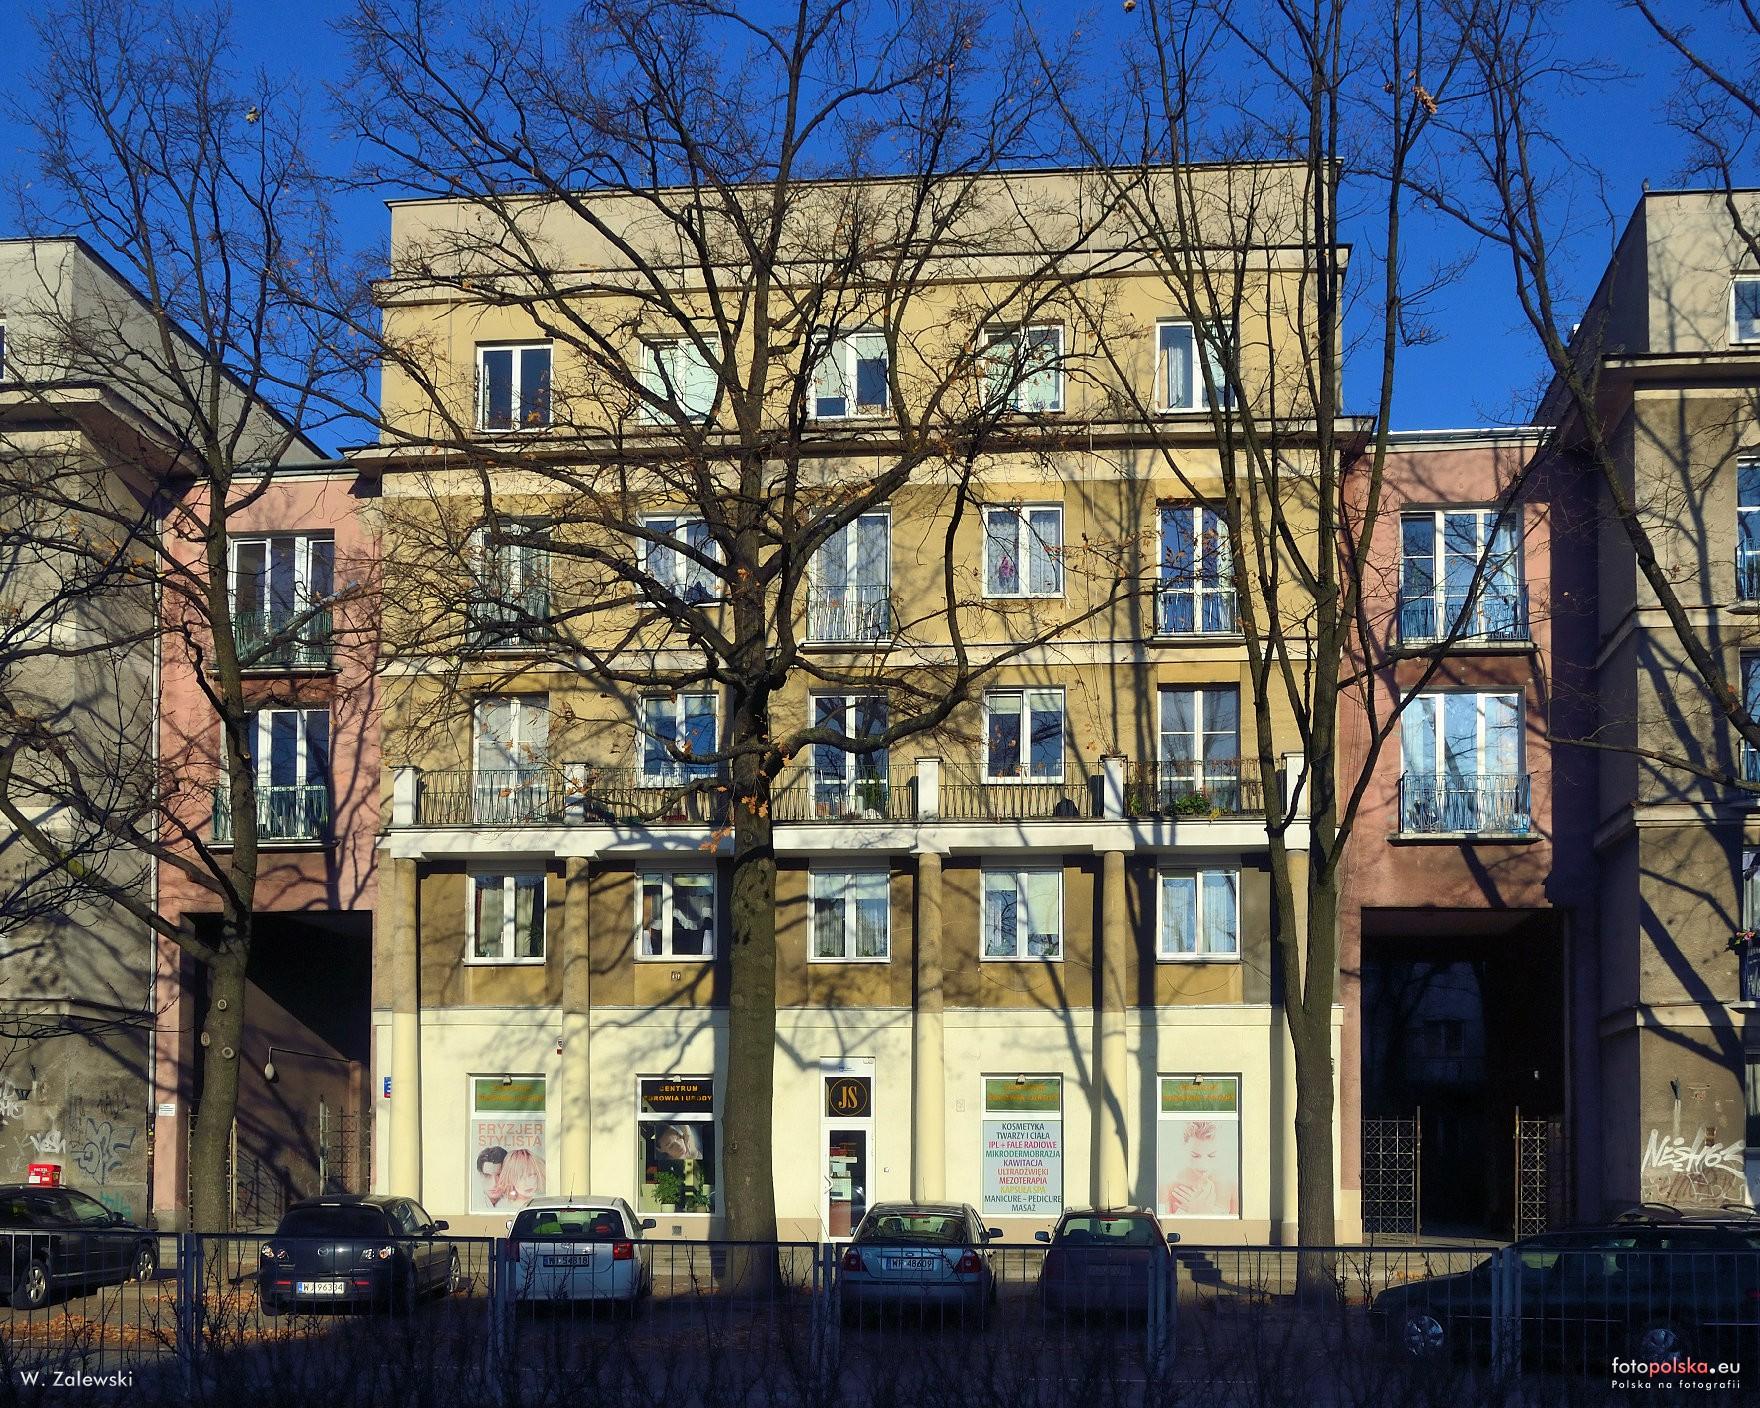 Kasprowicza 36 Warszawa Zdjęcia